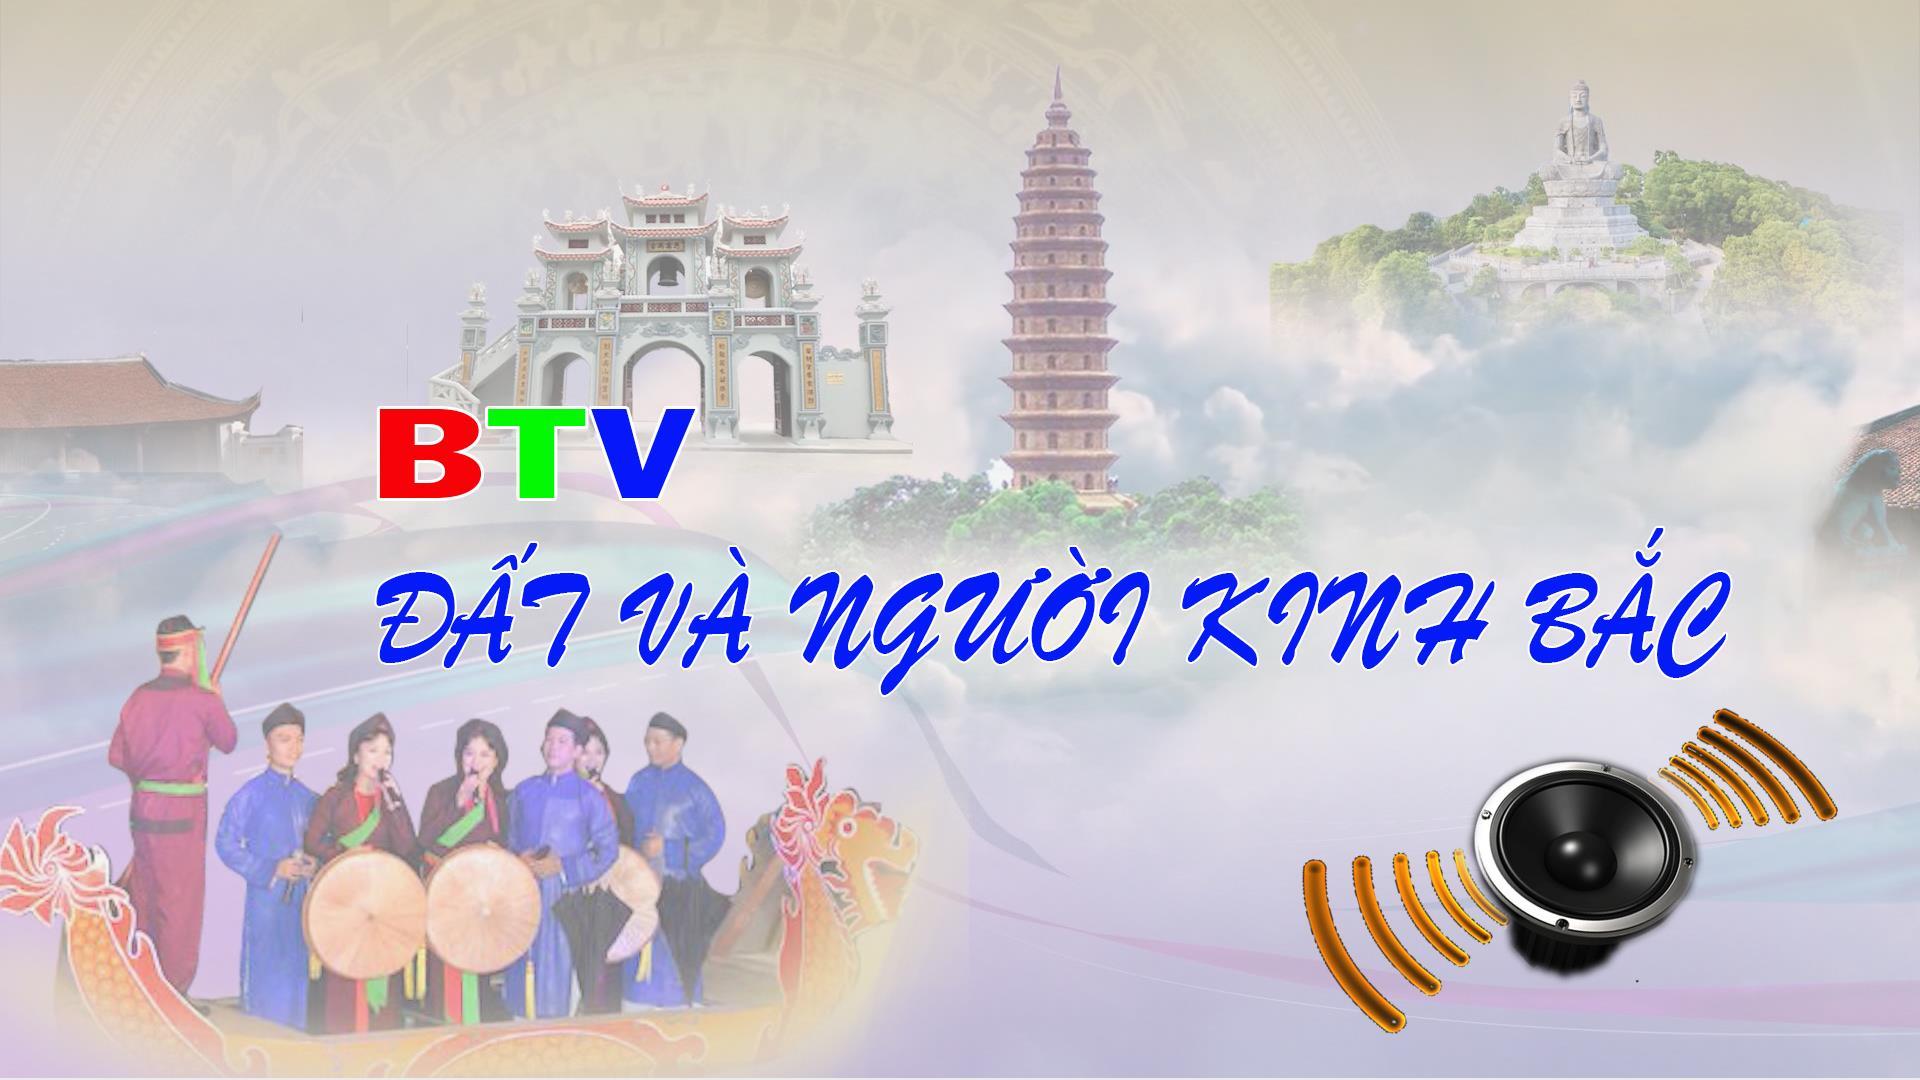 Về vùng đất thôn Lương, xã Tri Phương, huyện Tiên Du